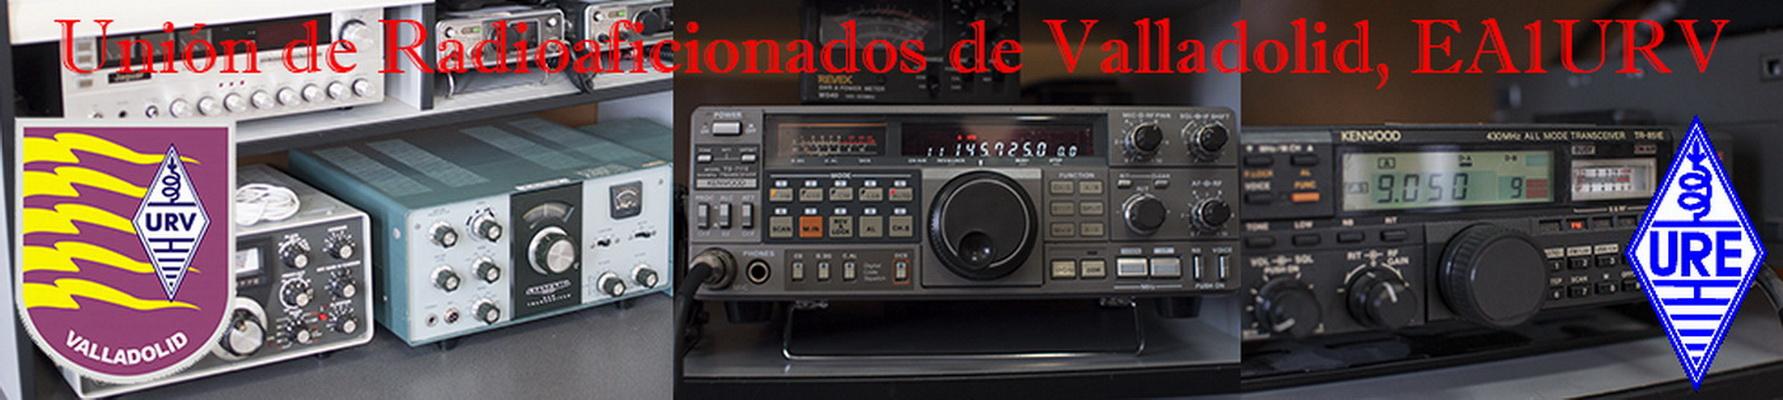 Unión de Radioaficionados de Valladolid